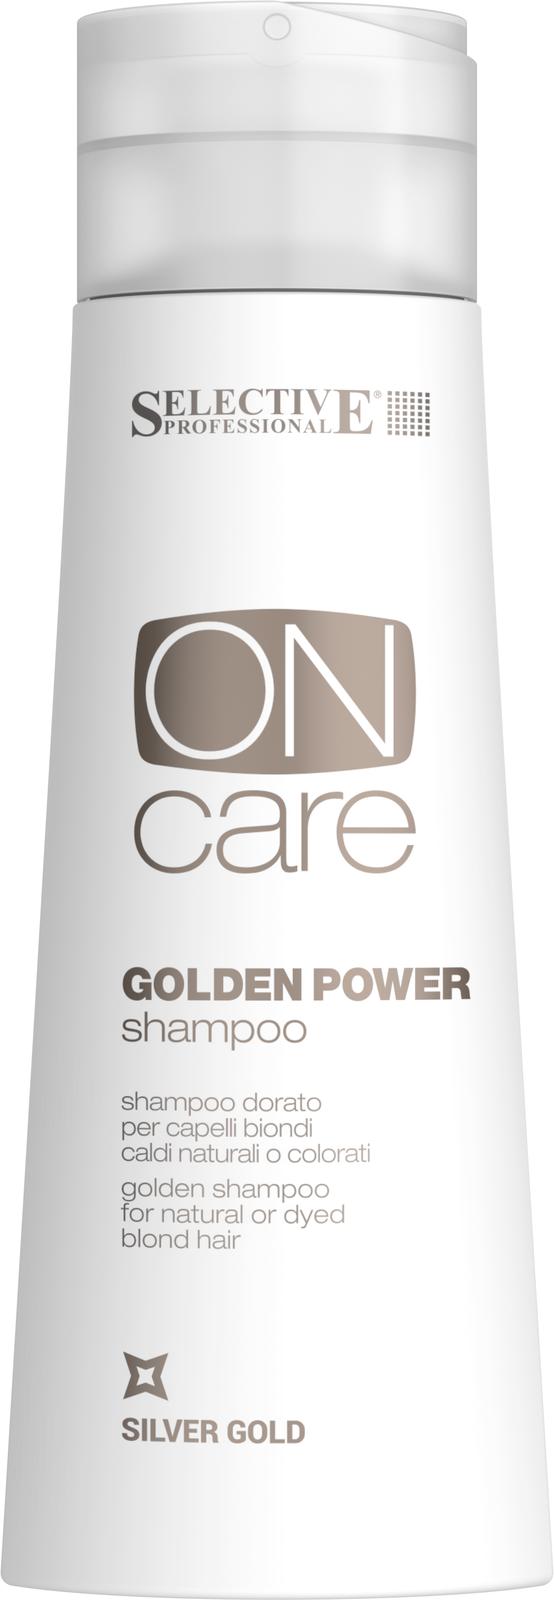 SELECTIVE PROFESSIONAL Шампунь золотистый для натуральных или окрашенных волос теплых тонов / On Care Color Care 250 мл